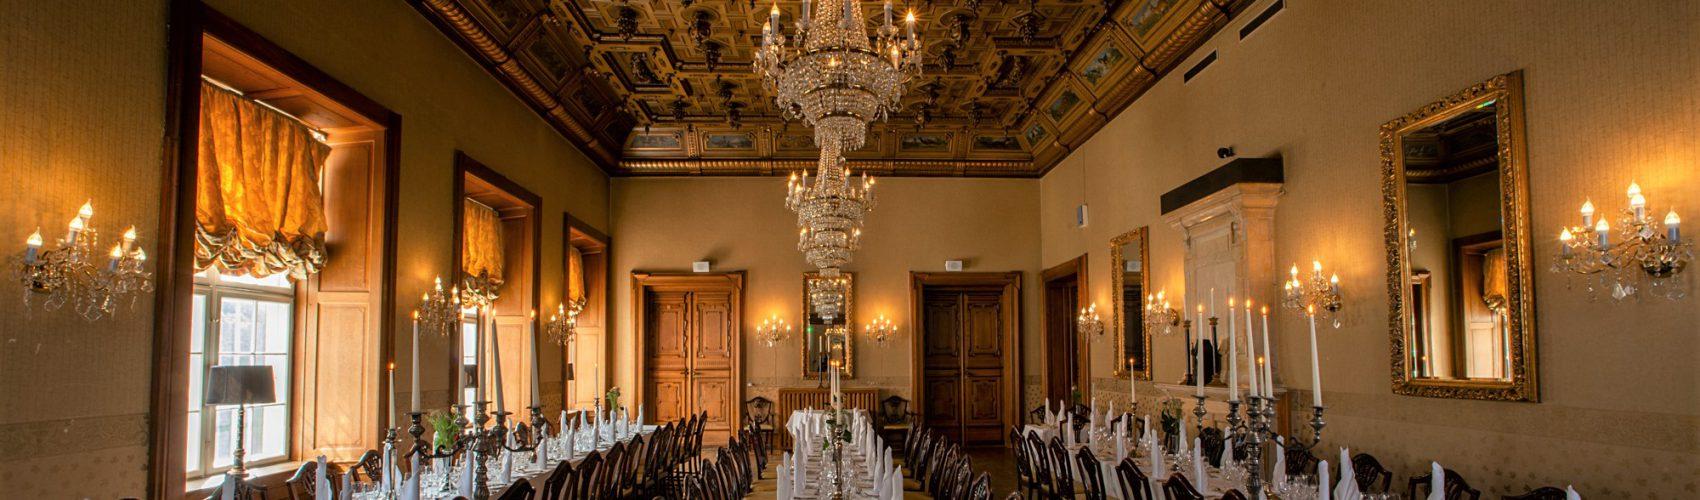 Hvedholm Slot Riddersal